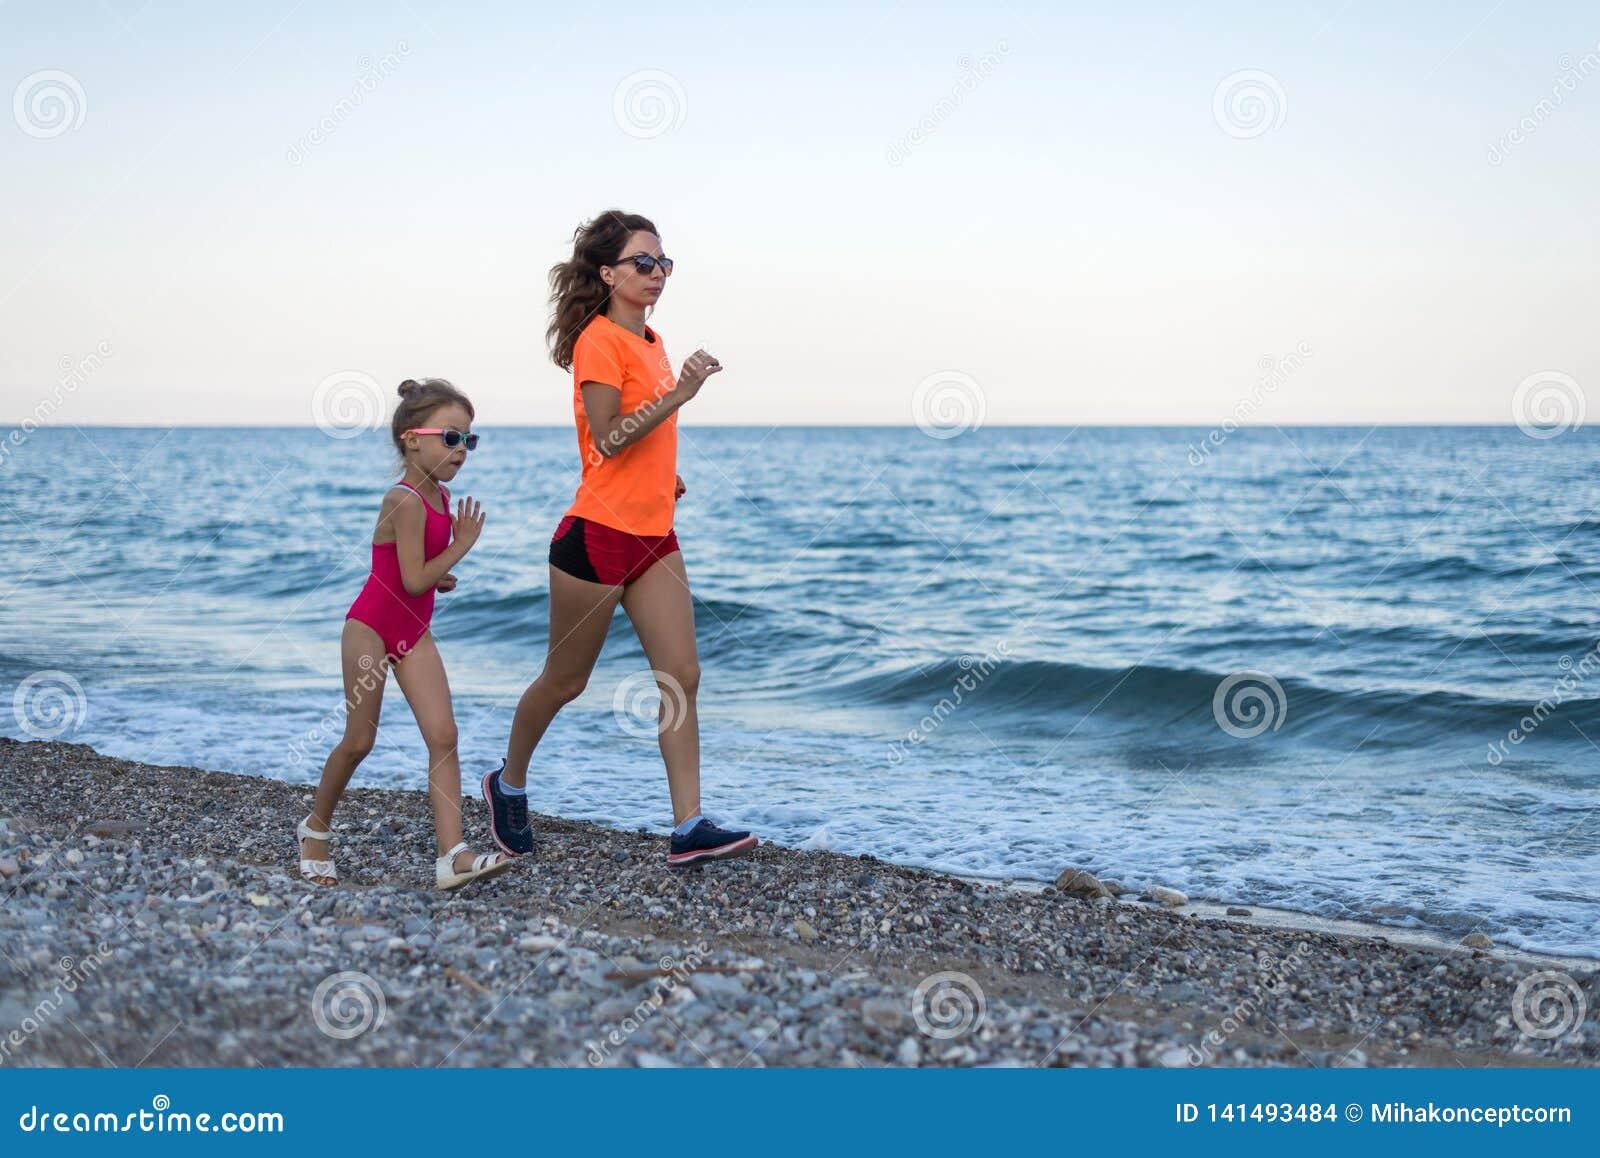 活跃生活方式:沿海滩的妈妈和女儿奔跑